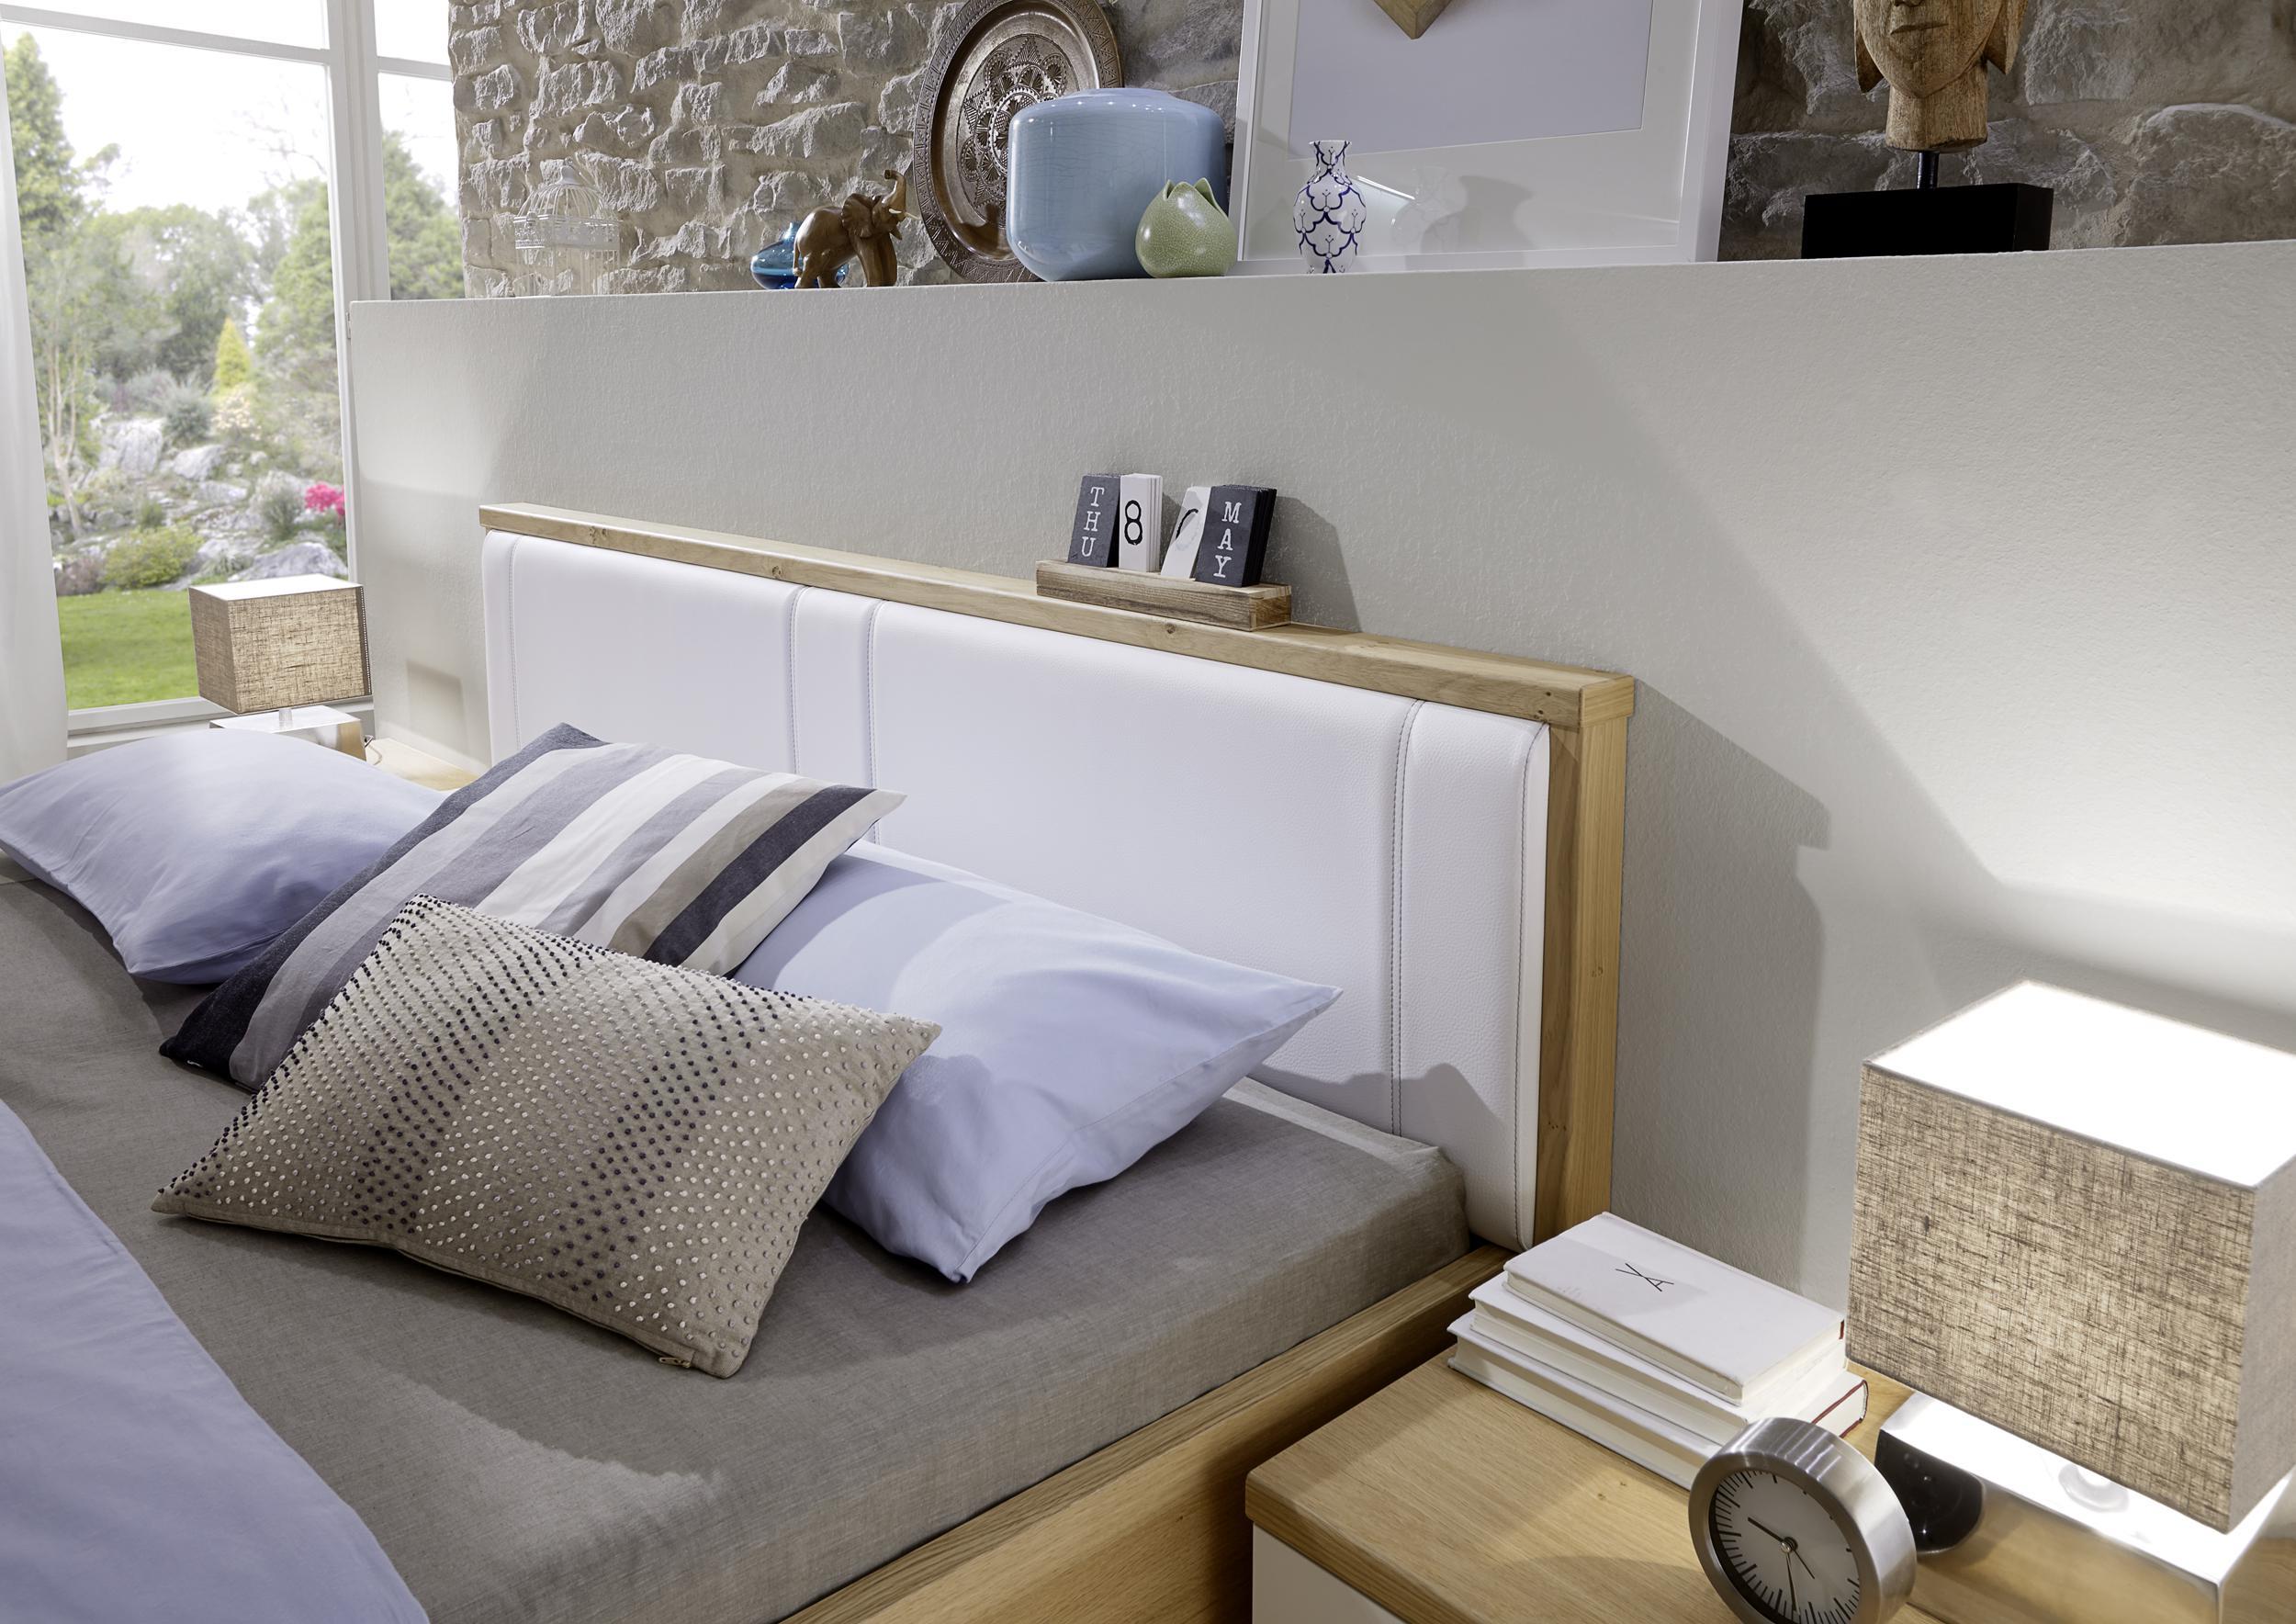 Disselkamp – Schlafträume von Disselkamp   Cesan